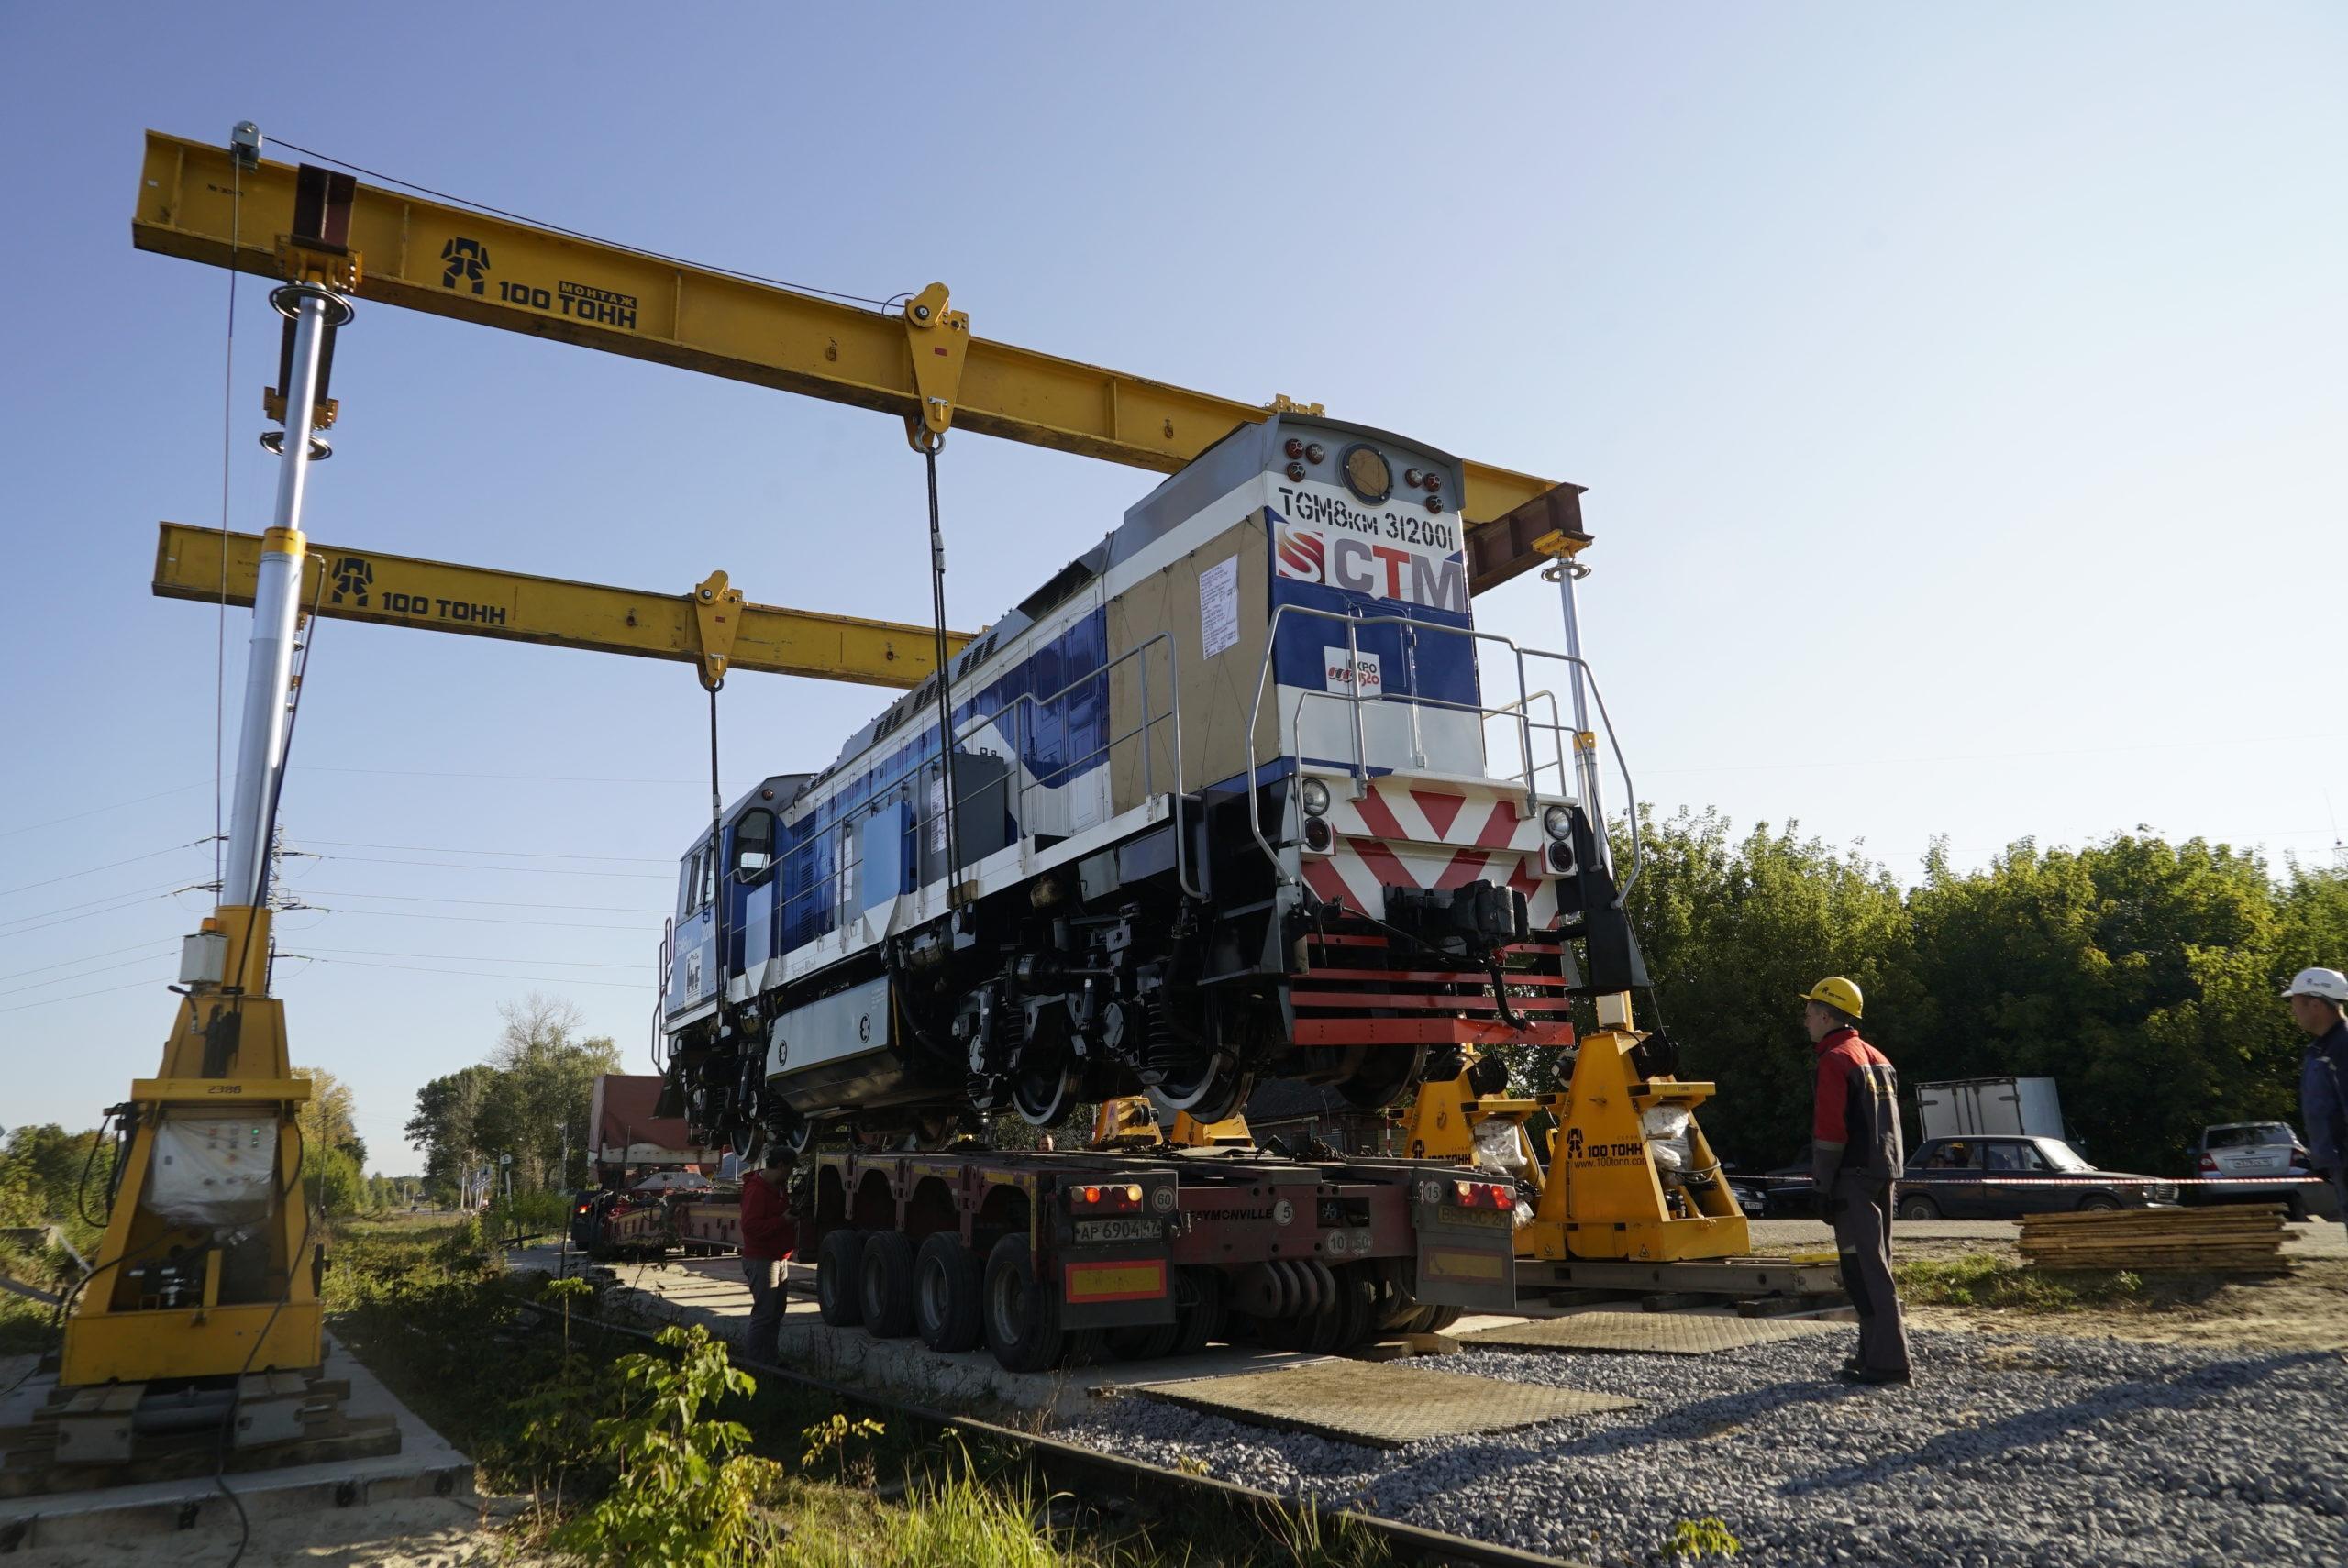 Погрузка и позиционирование локомотива на трале